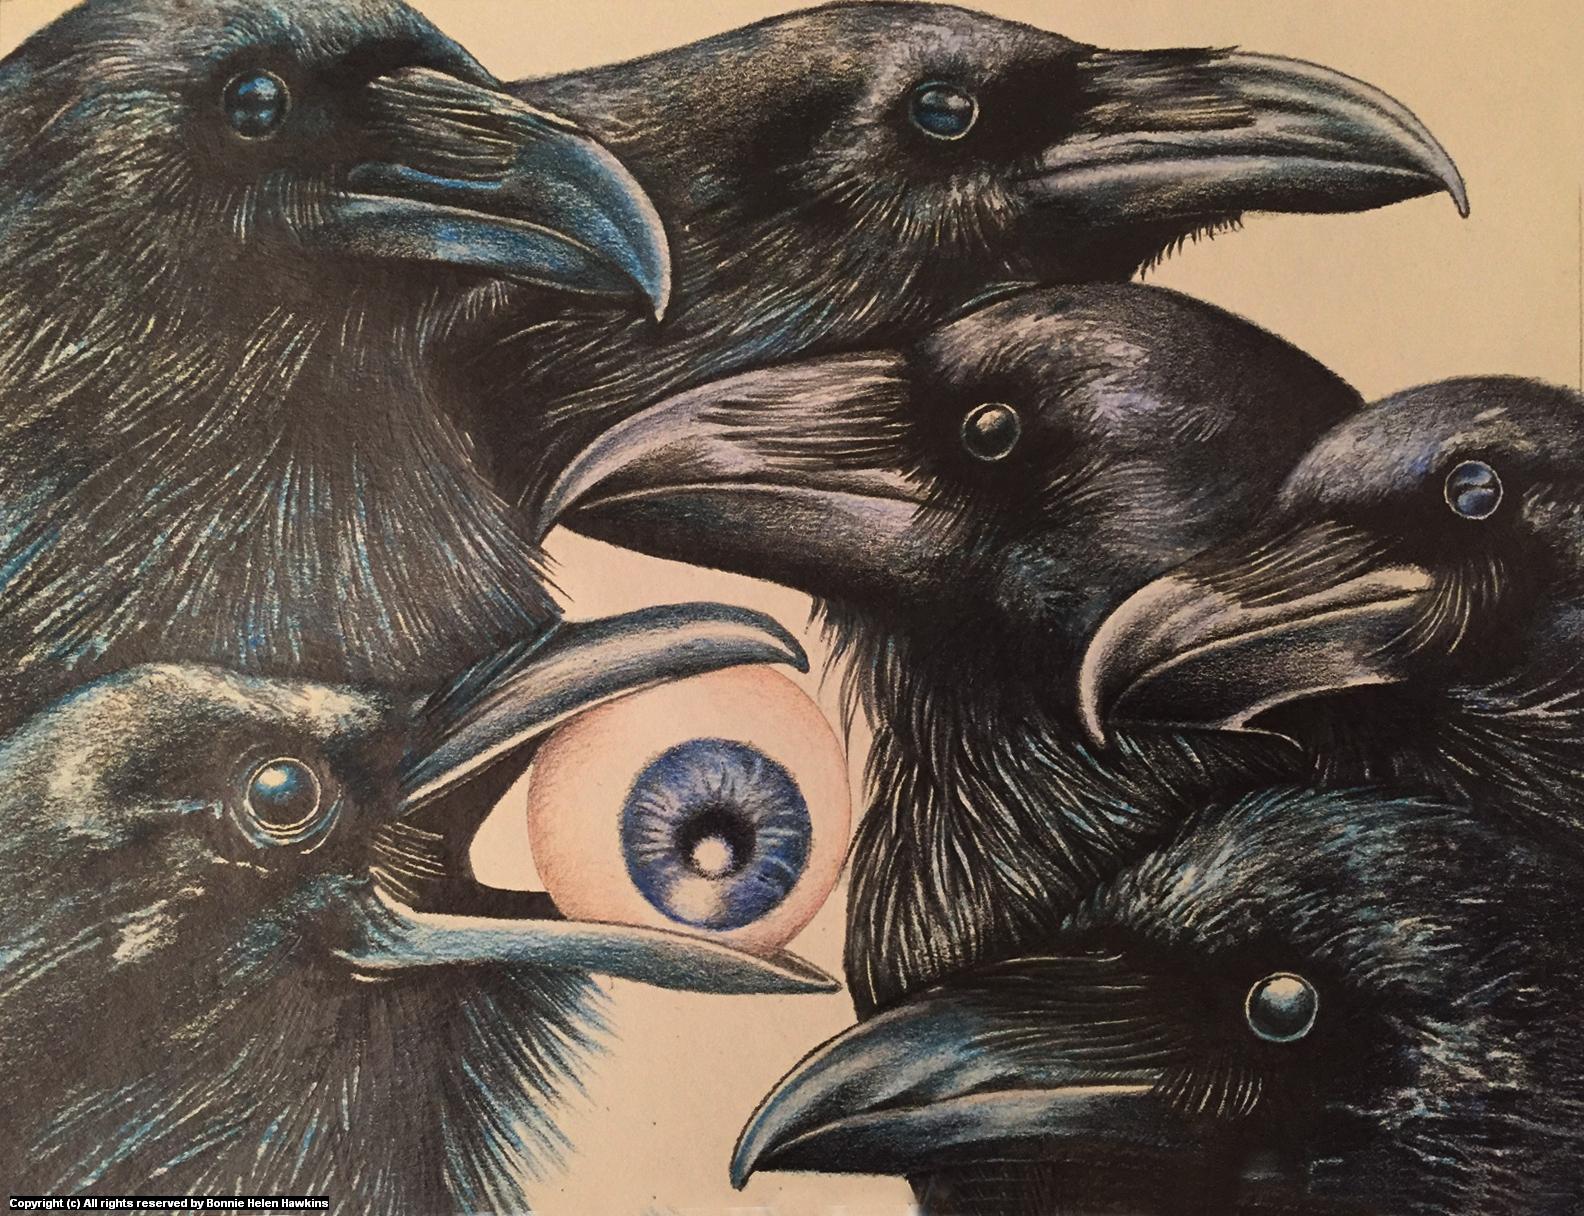 Week 32 Artwork by Bonnie Helen Hawkins